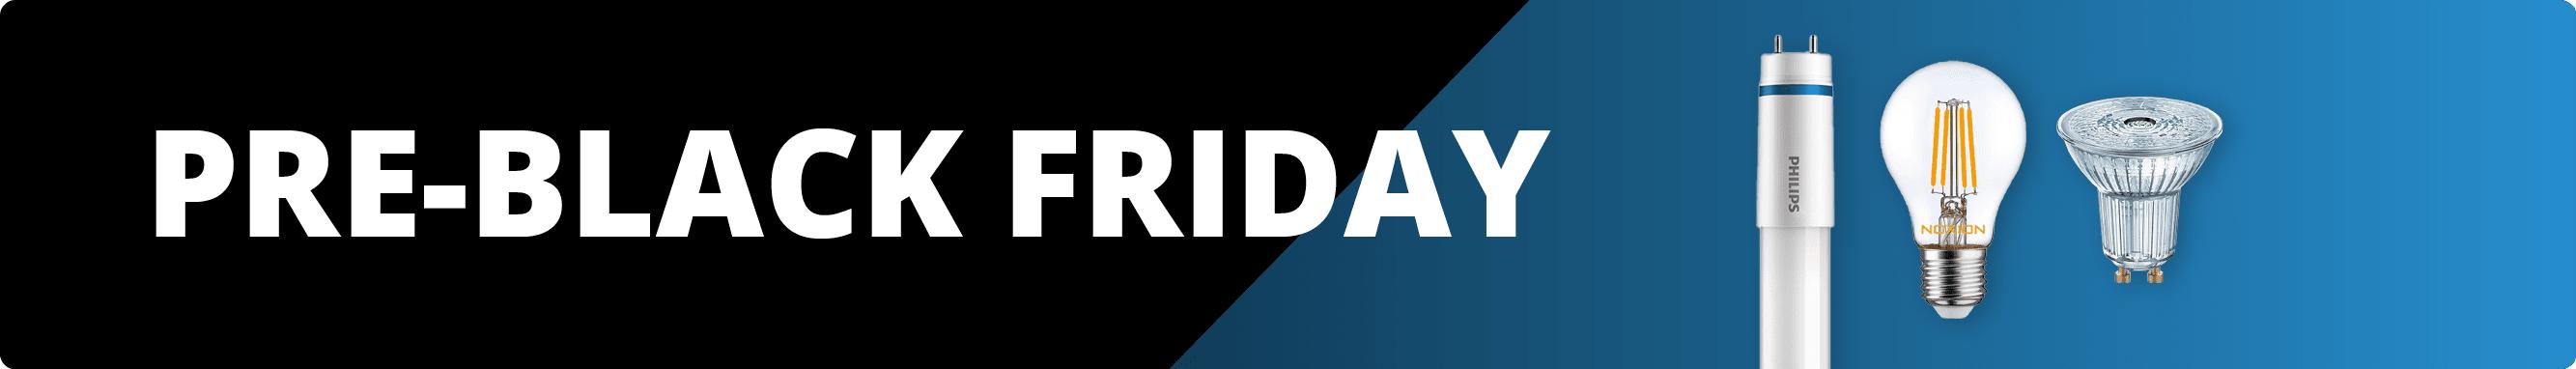 Pre-Black Friday